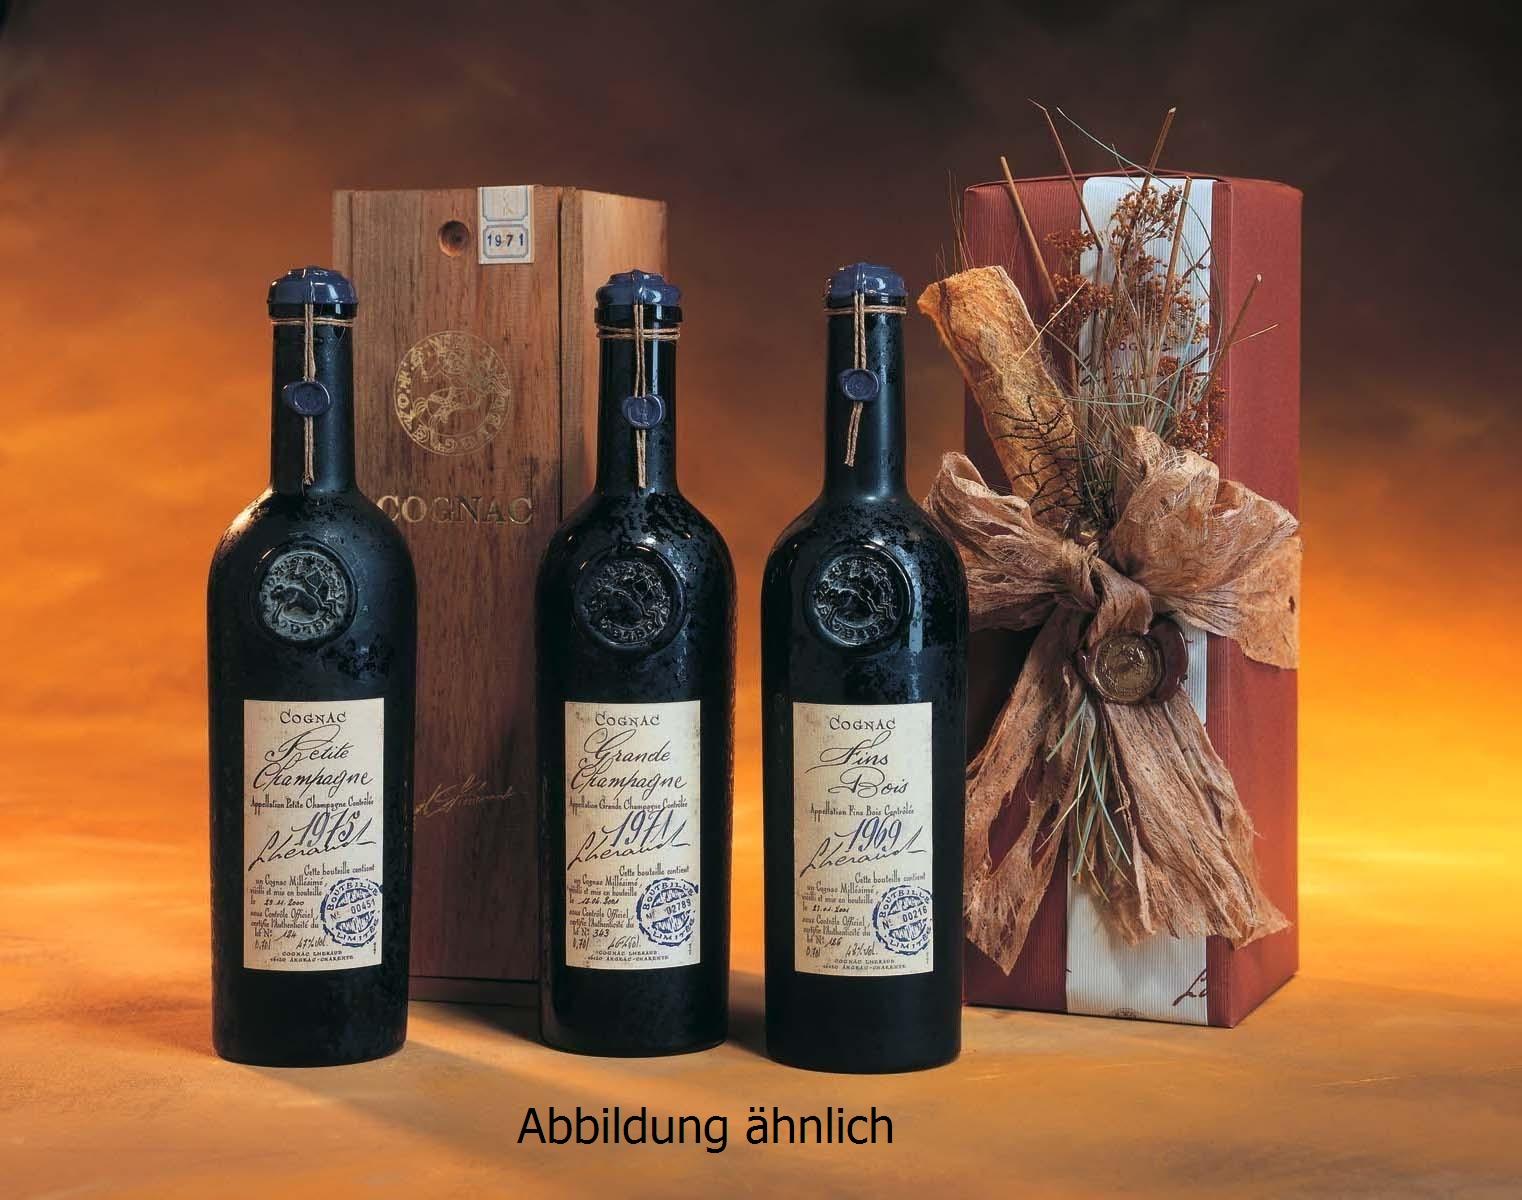 Cognac 1969 Lheraud